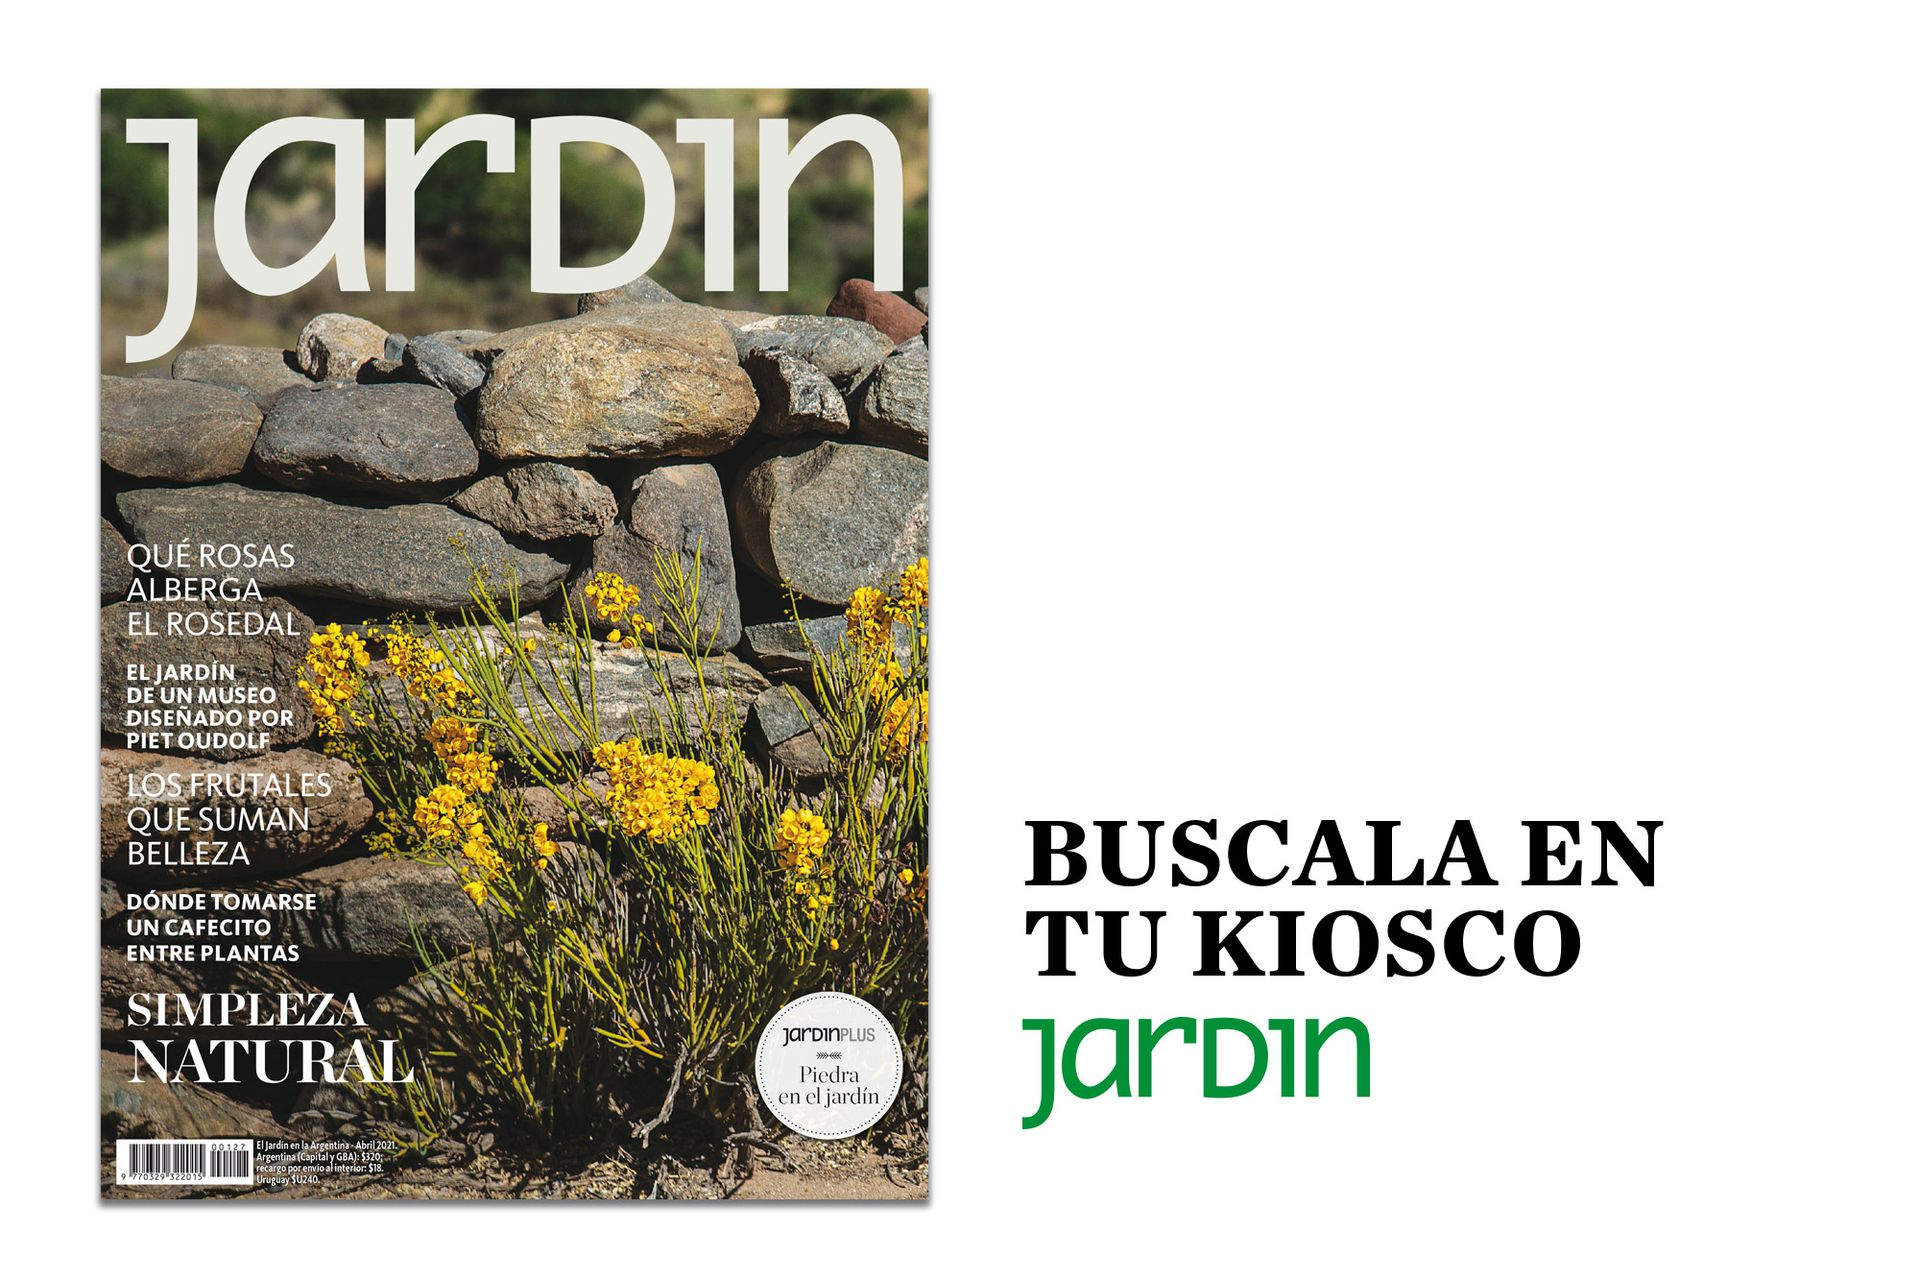 Ya podés pedirle a tu kiosquero de confianza la nueva edición de Revista Jardín, con información, consejos y secretos para el otoño.